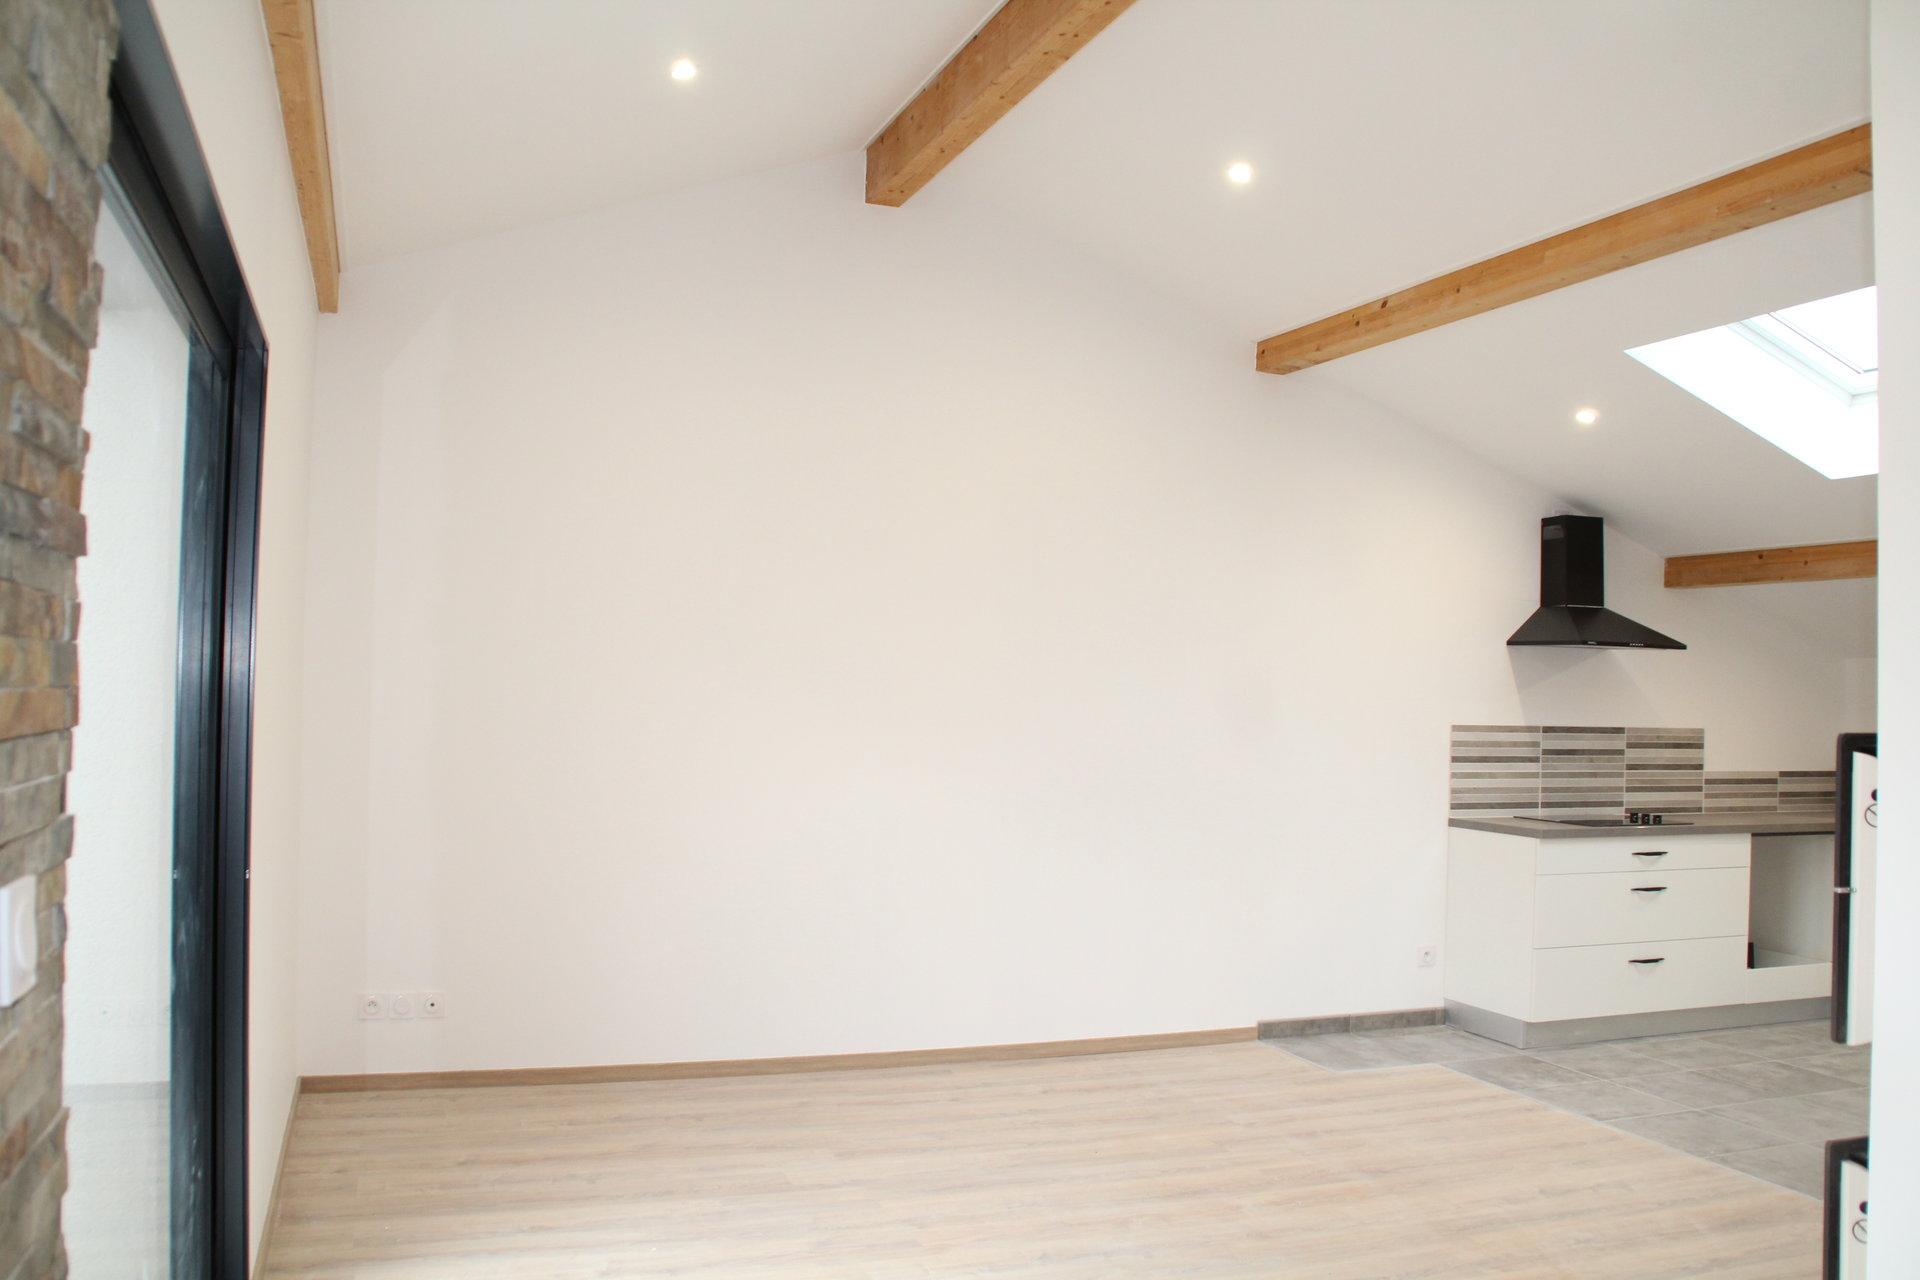 Appartement de 80m² refait à neuf avec garage et terrasse